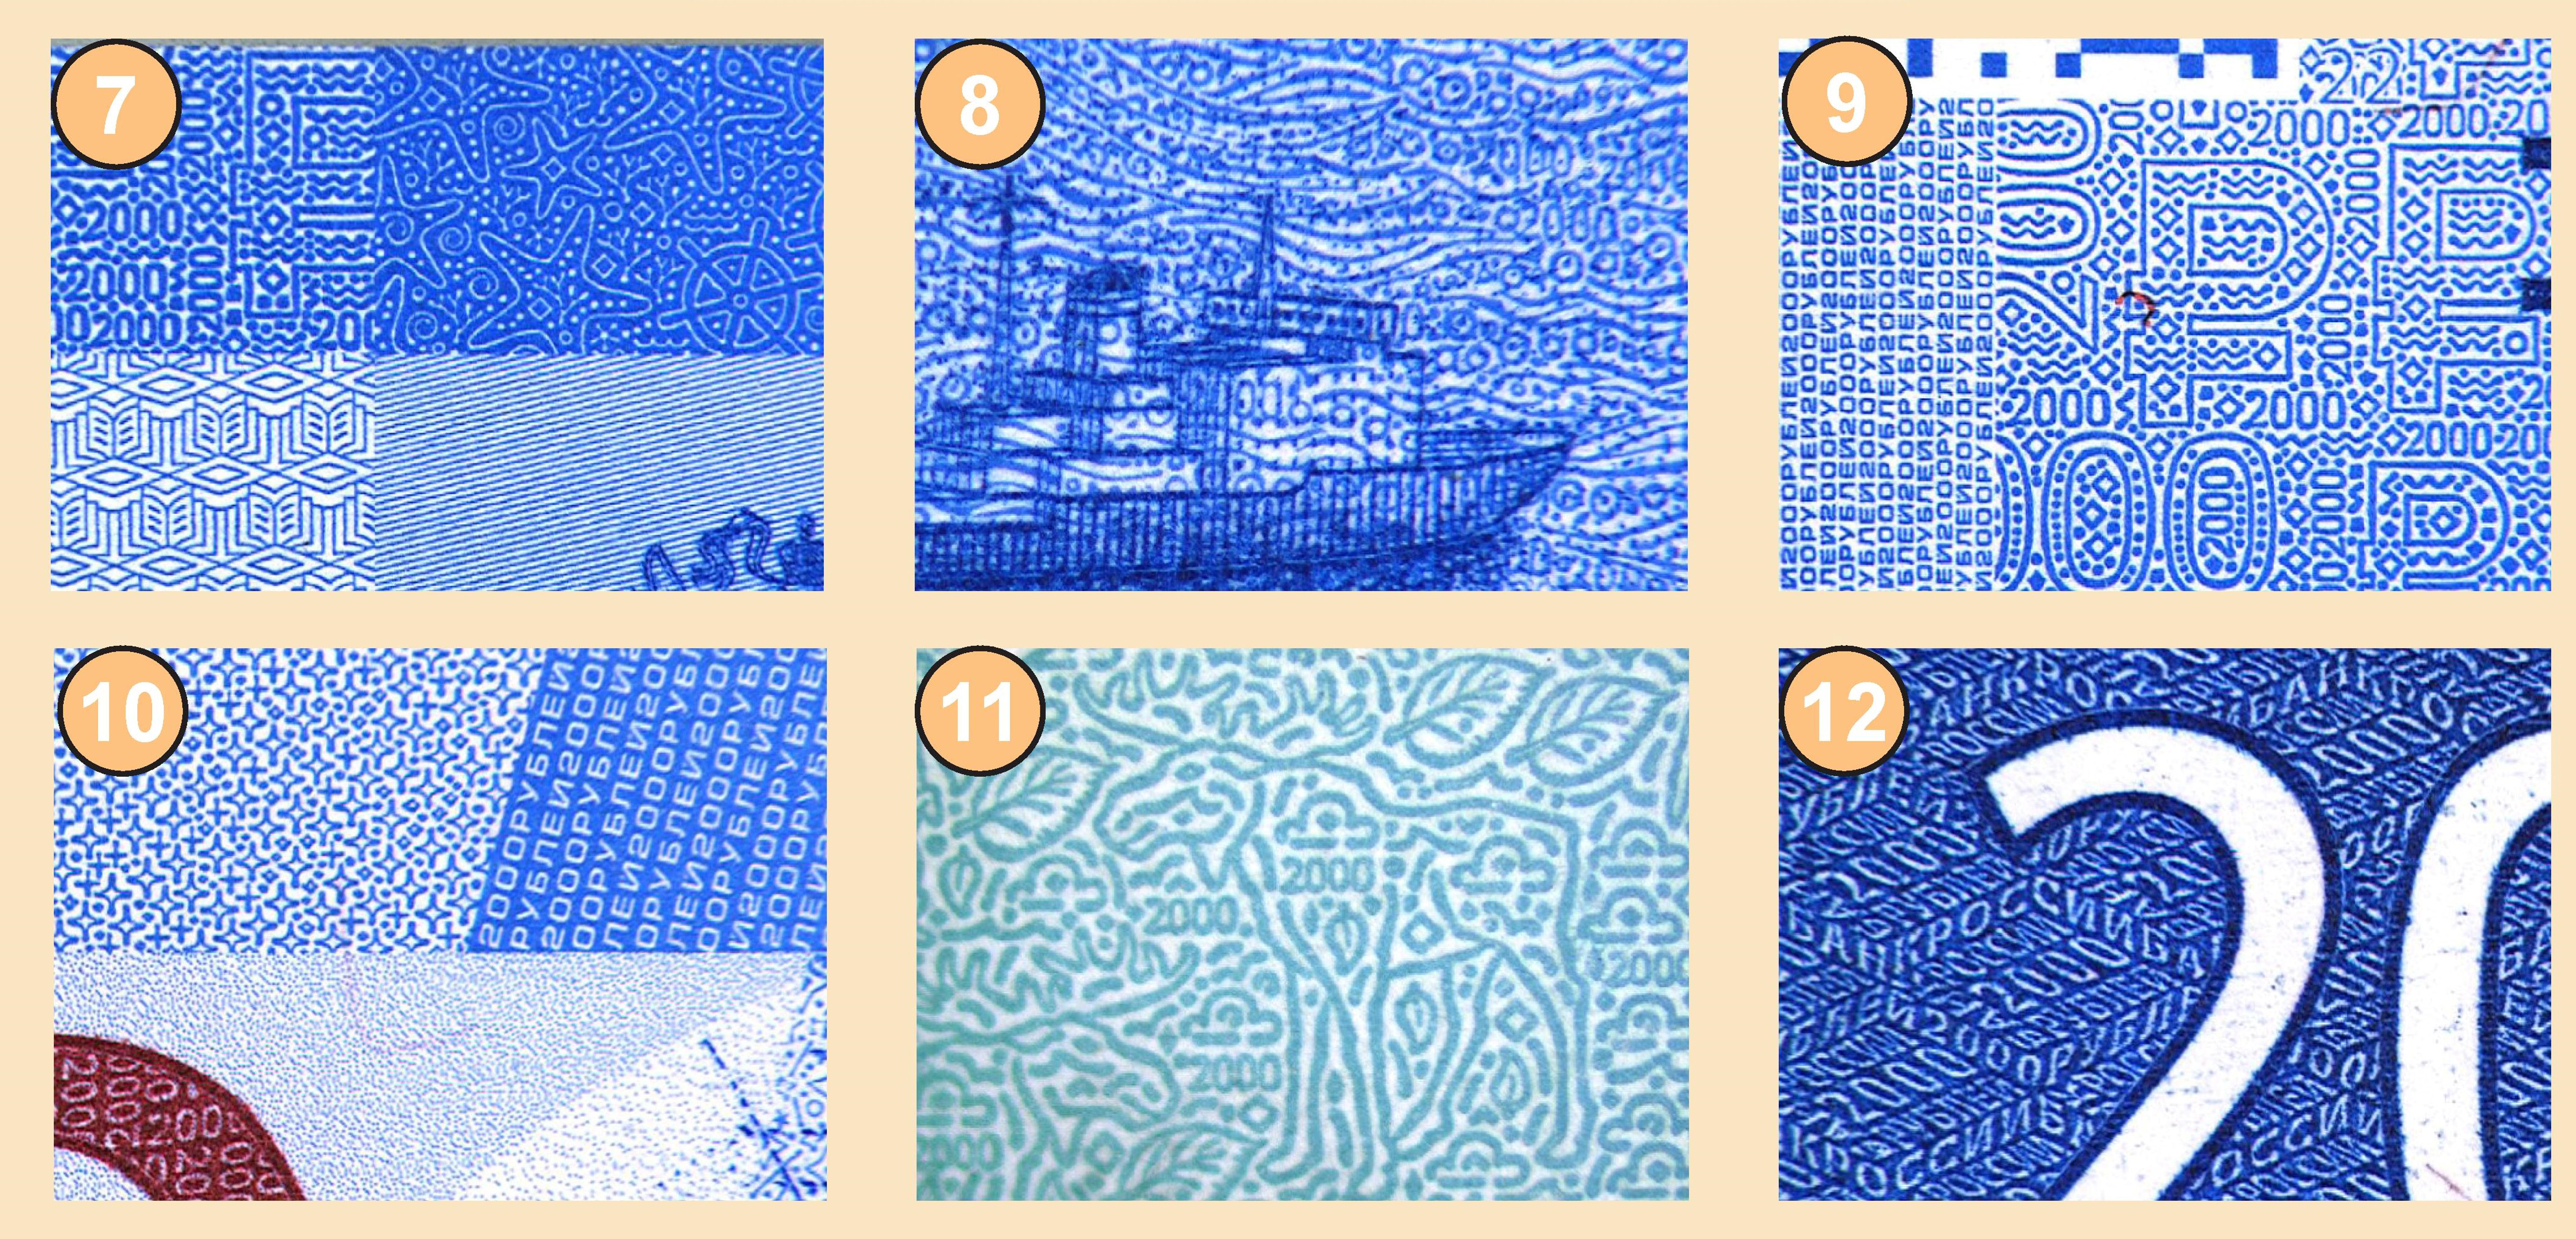 символы на купюрах 4 grosh-blog.ru